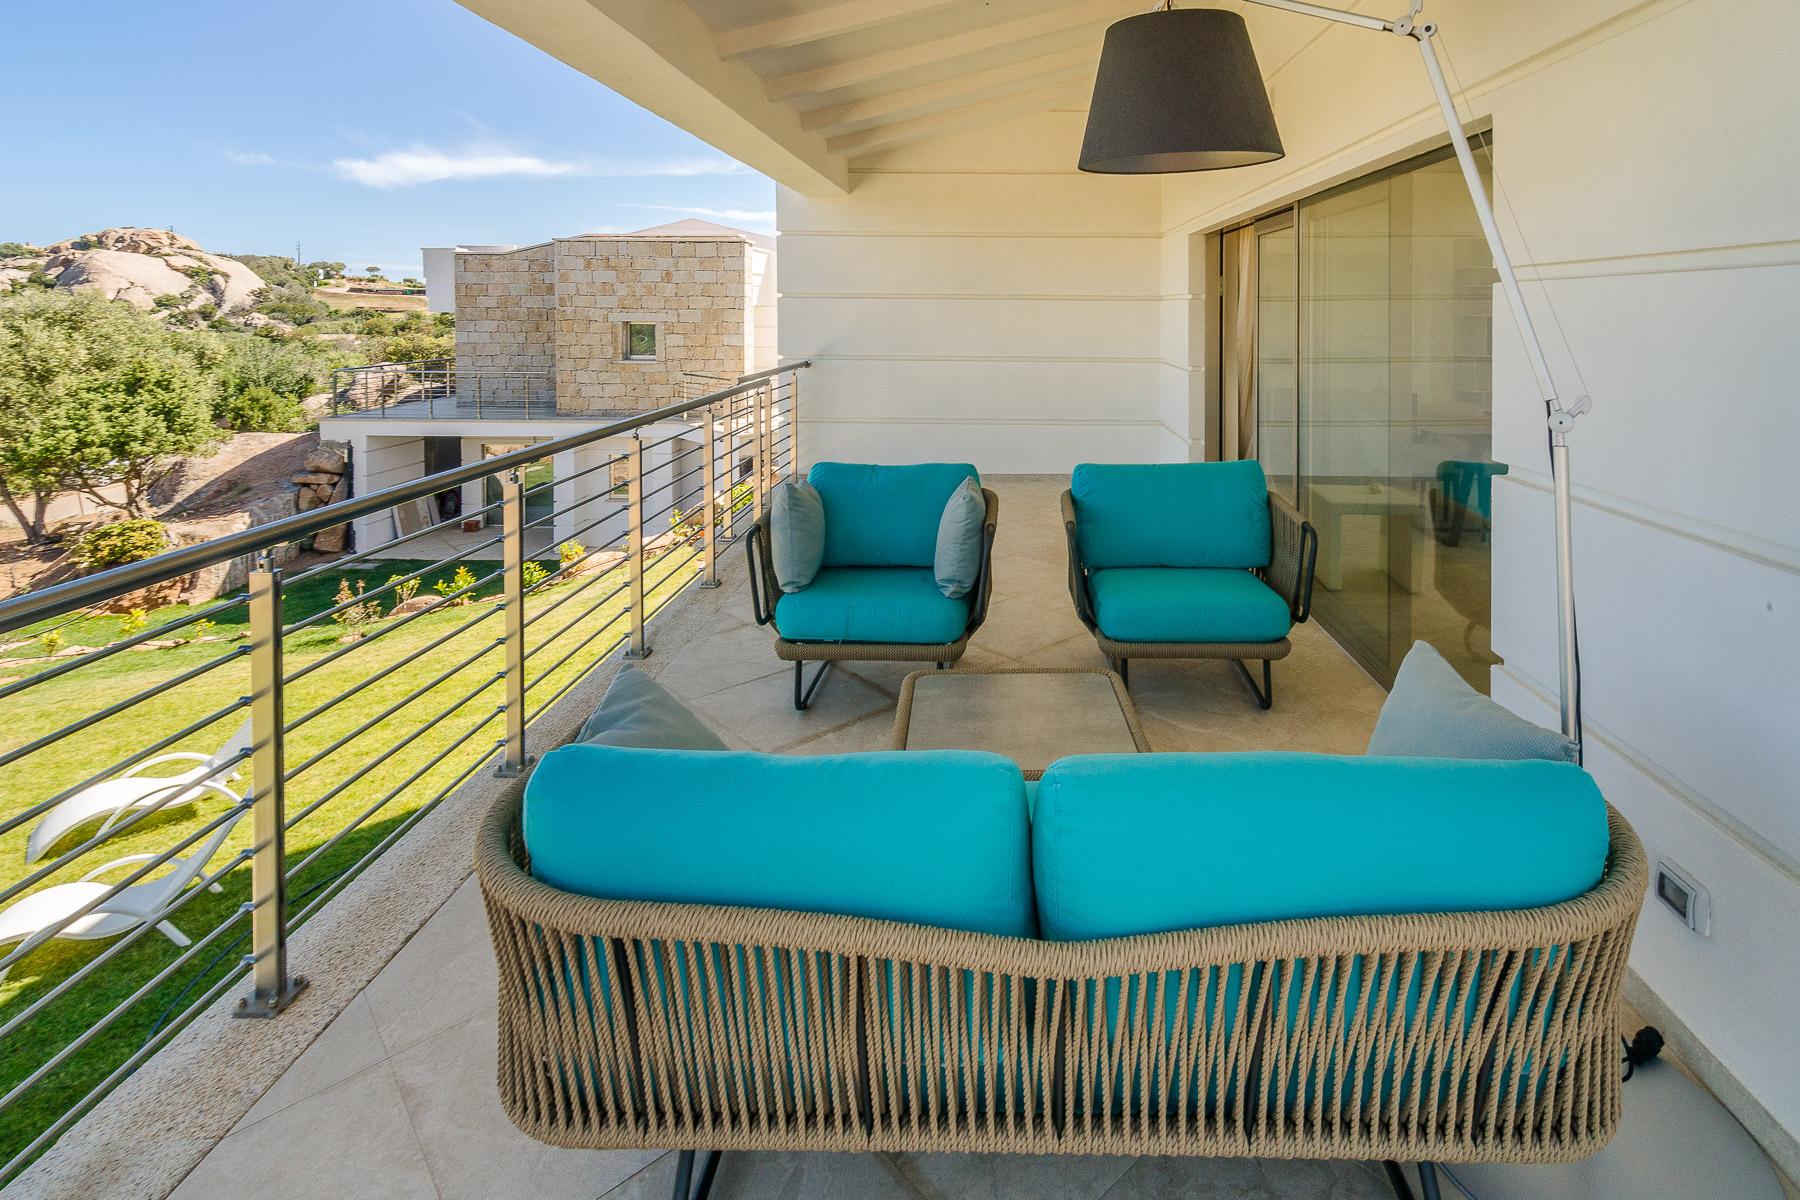 Villa in Vendita a Arzachena: 4 locali, 211 mq - Foto 17